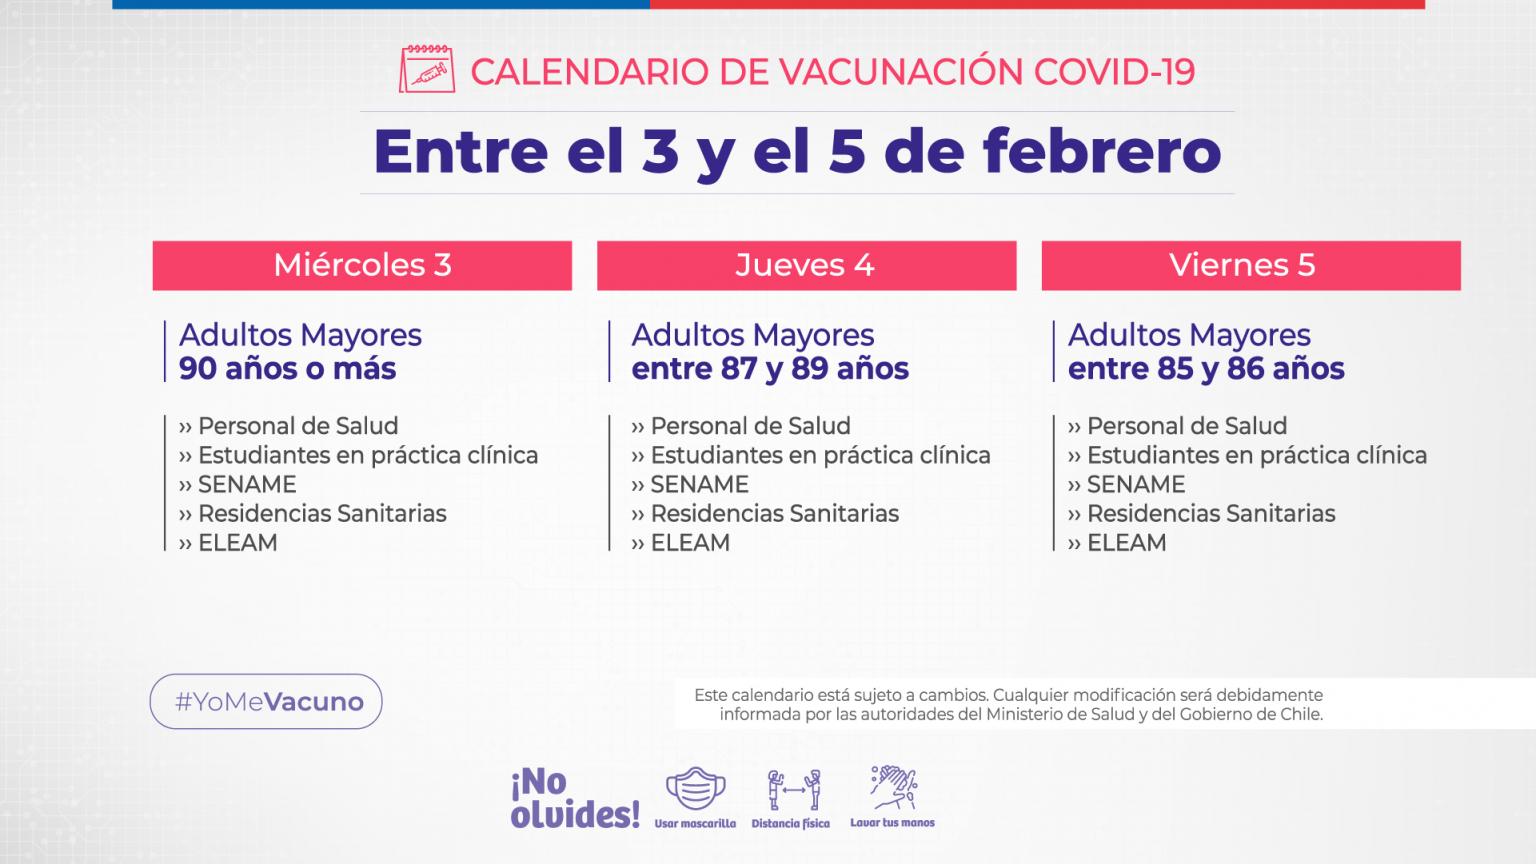 proceso de vacunación en Chile como Naná de Masterchef